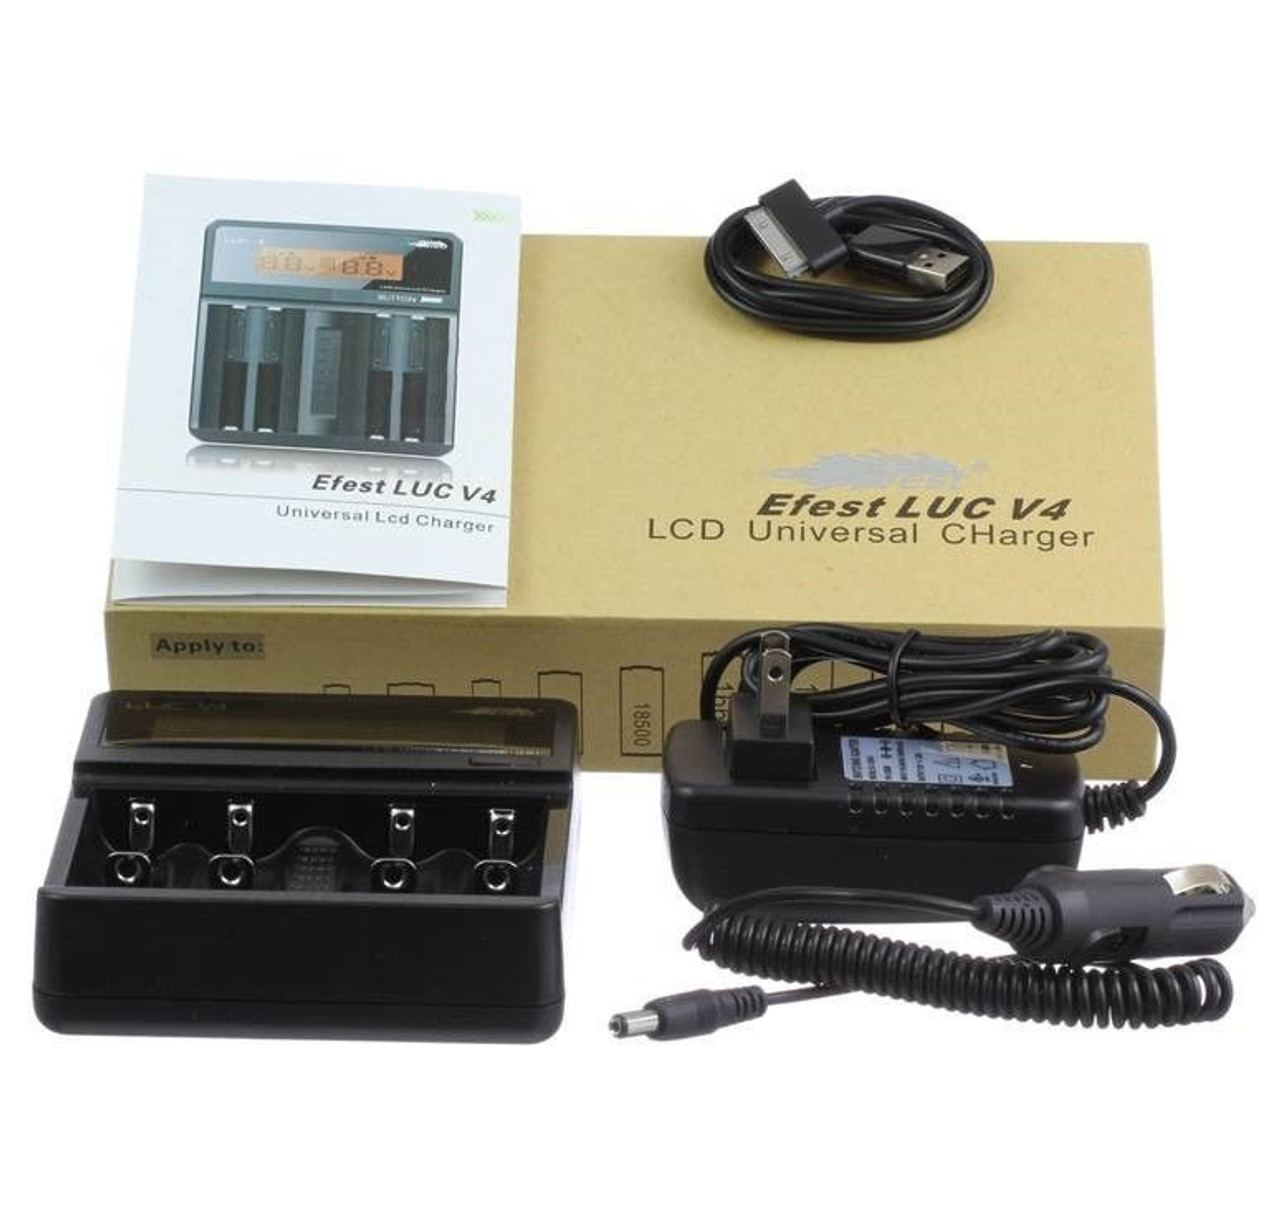 Efest 4 bay digital charger